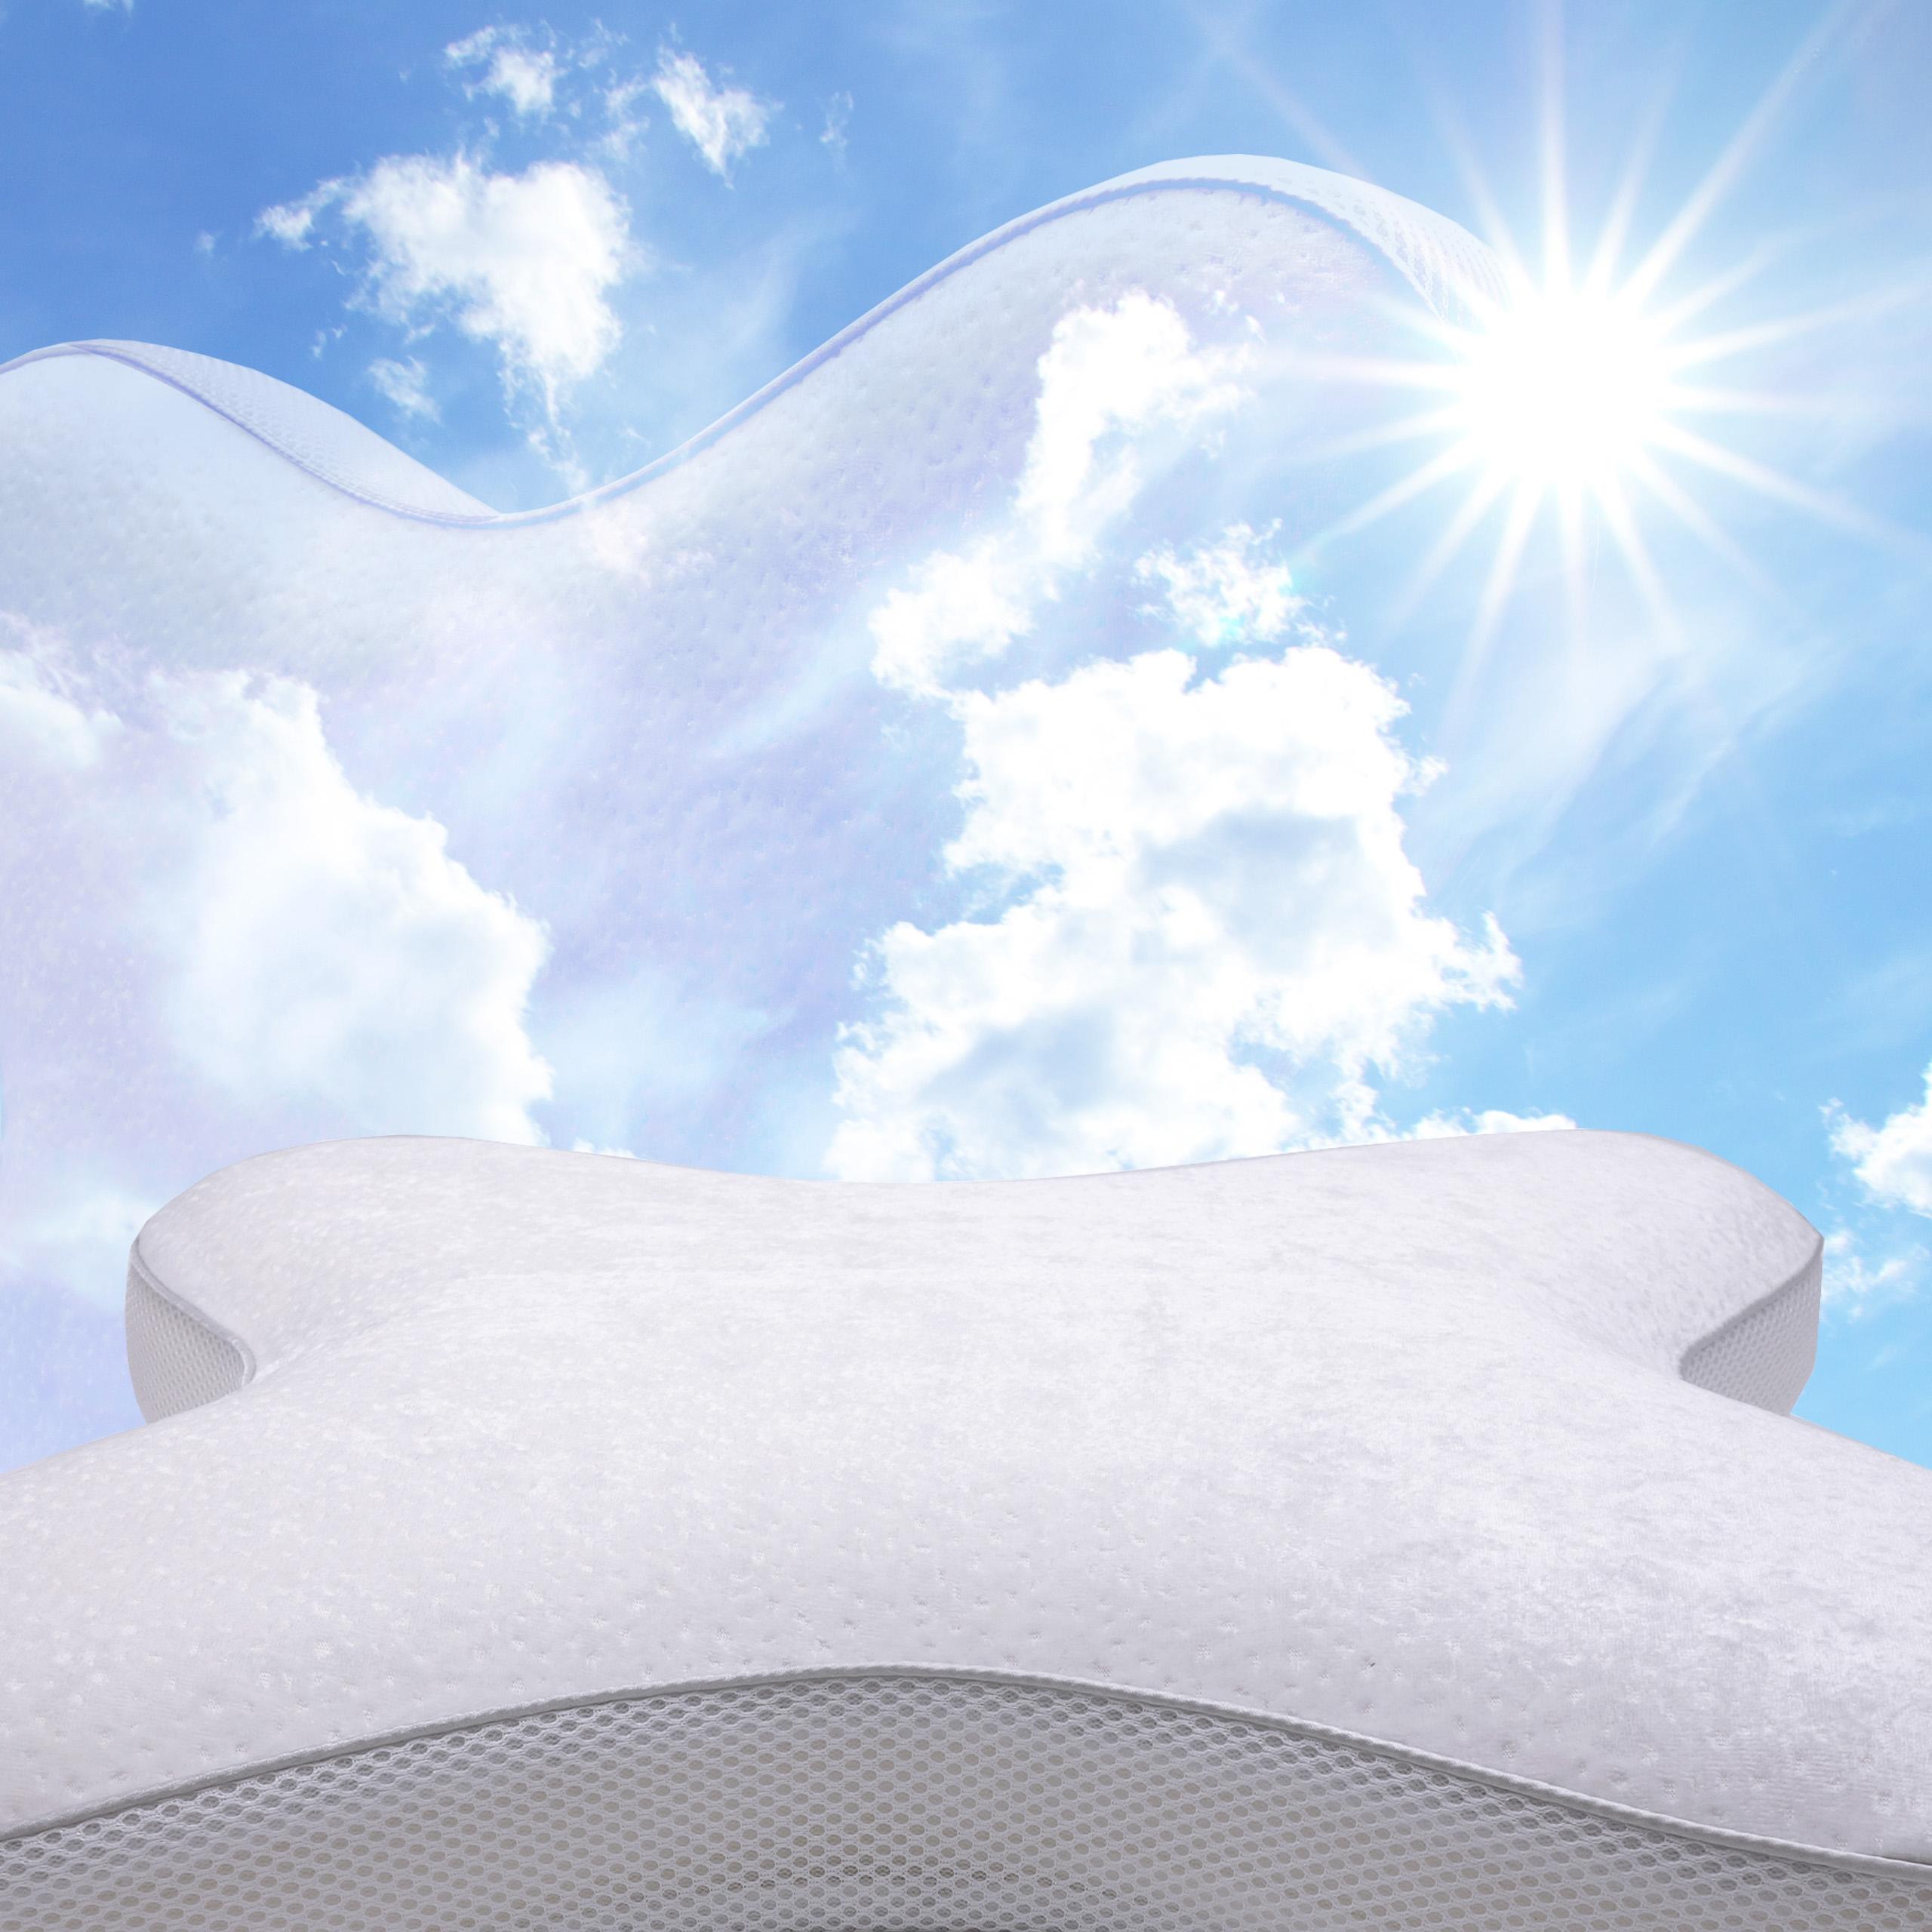 Mit dem Bauchschläferkissen von Luxamel entspannt einschlafen</a> entspannt einschlafen